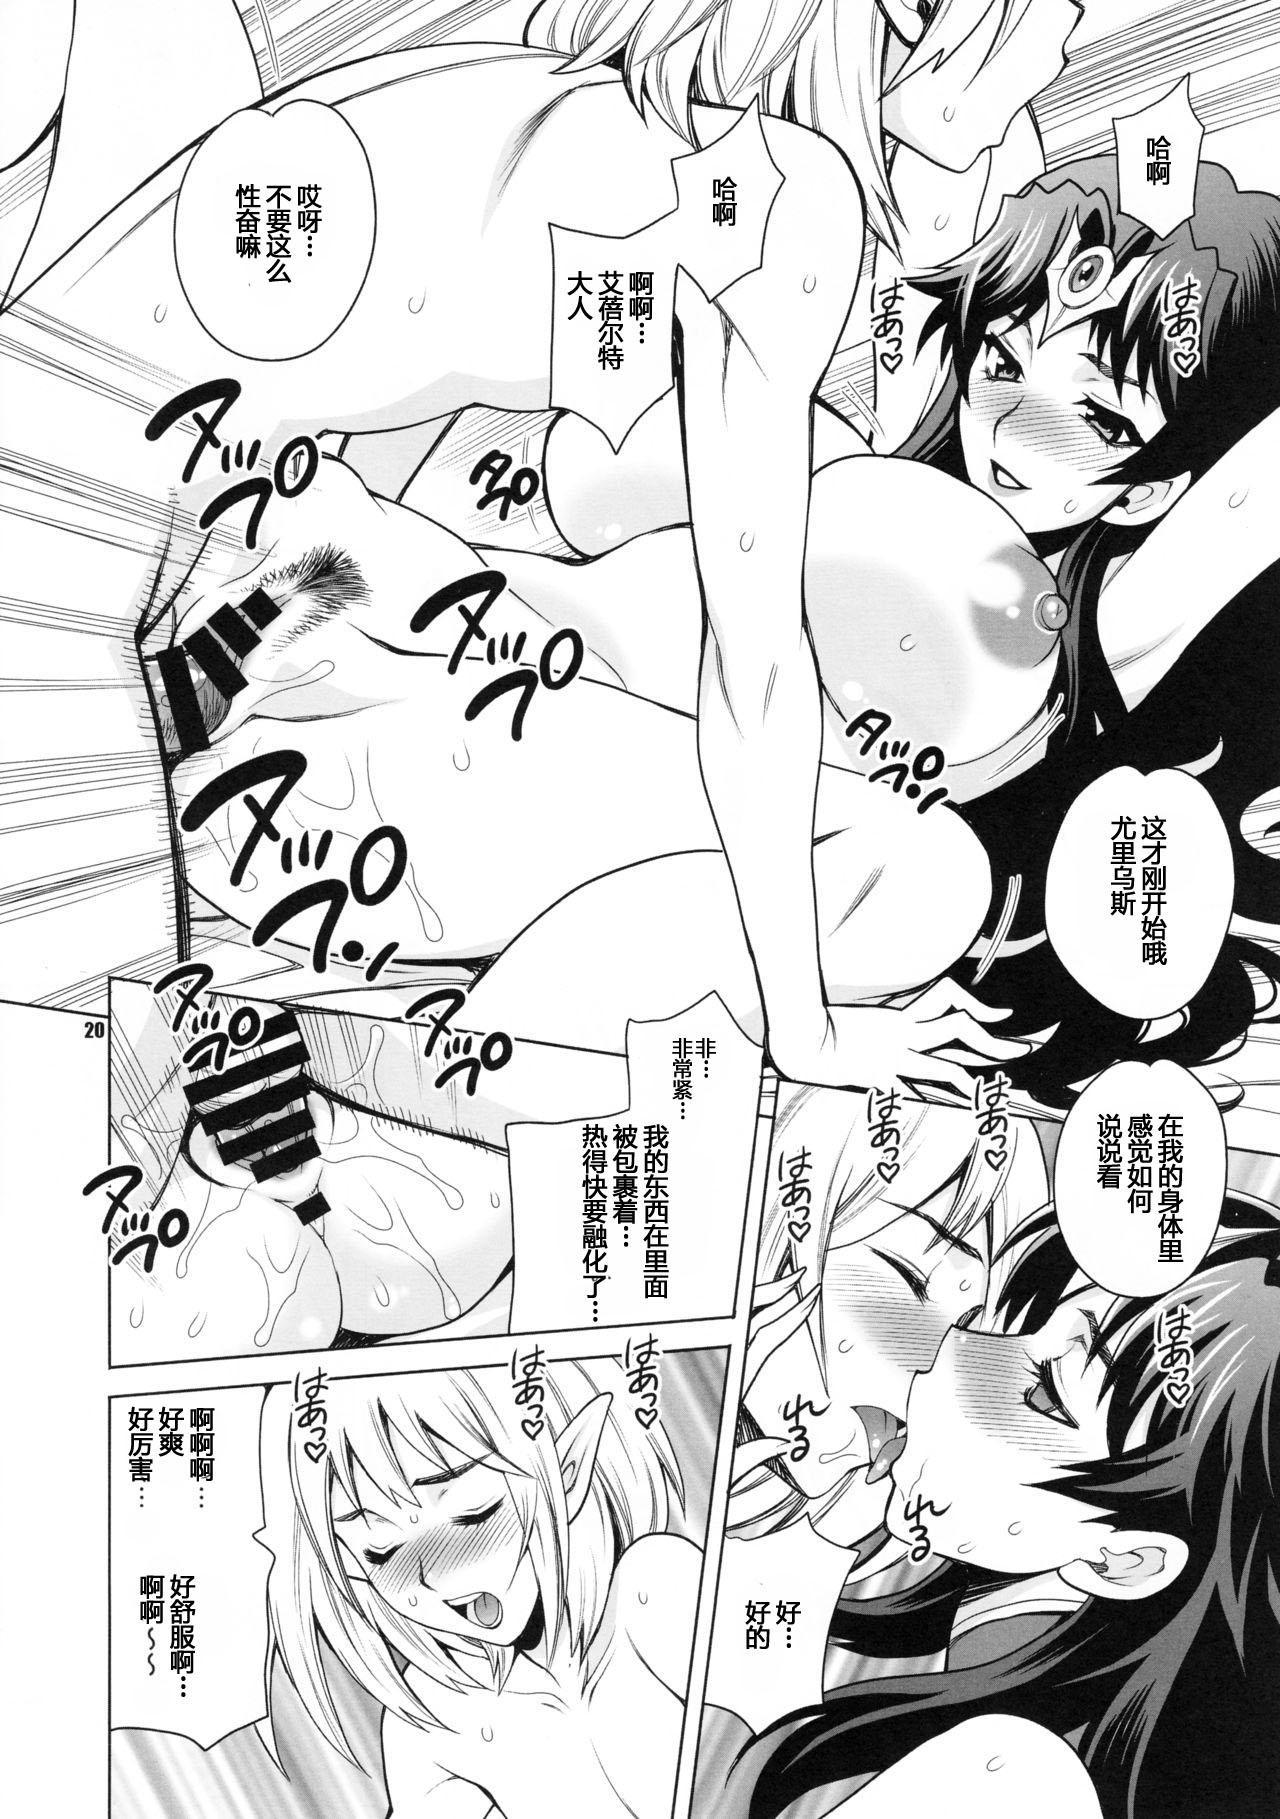 Yukiyanagi no Hon 38 Buta to Onnakishi 2 - Onnakishi wa Elf Shounen ga Okiniiri 18